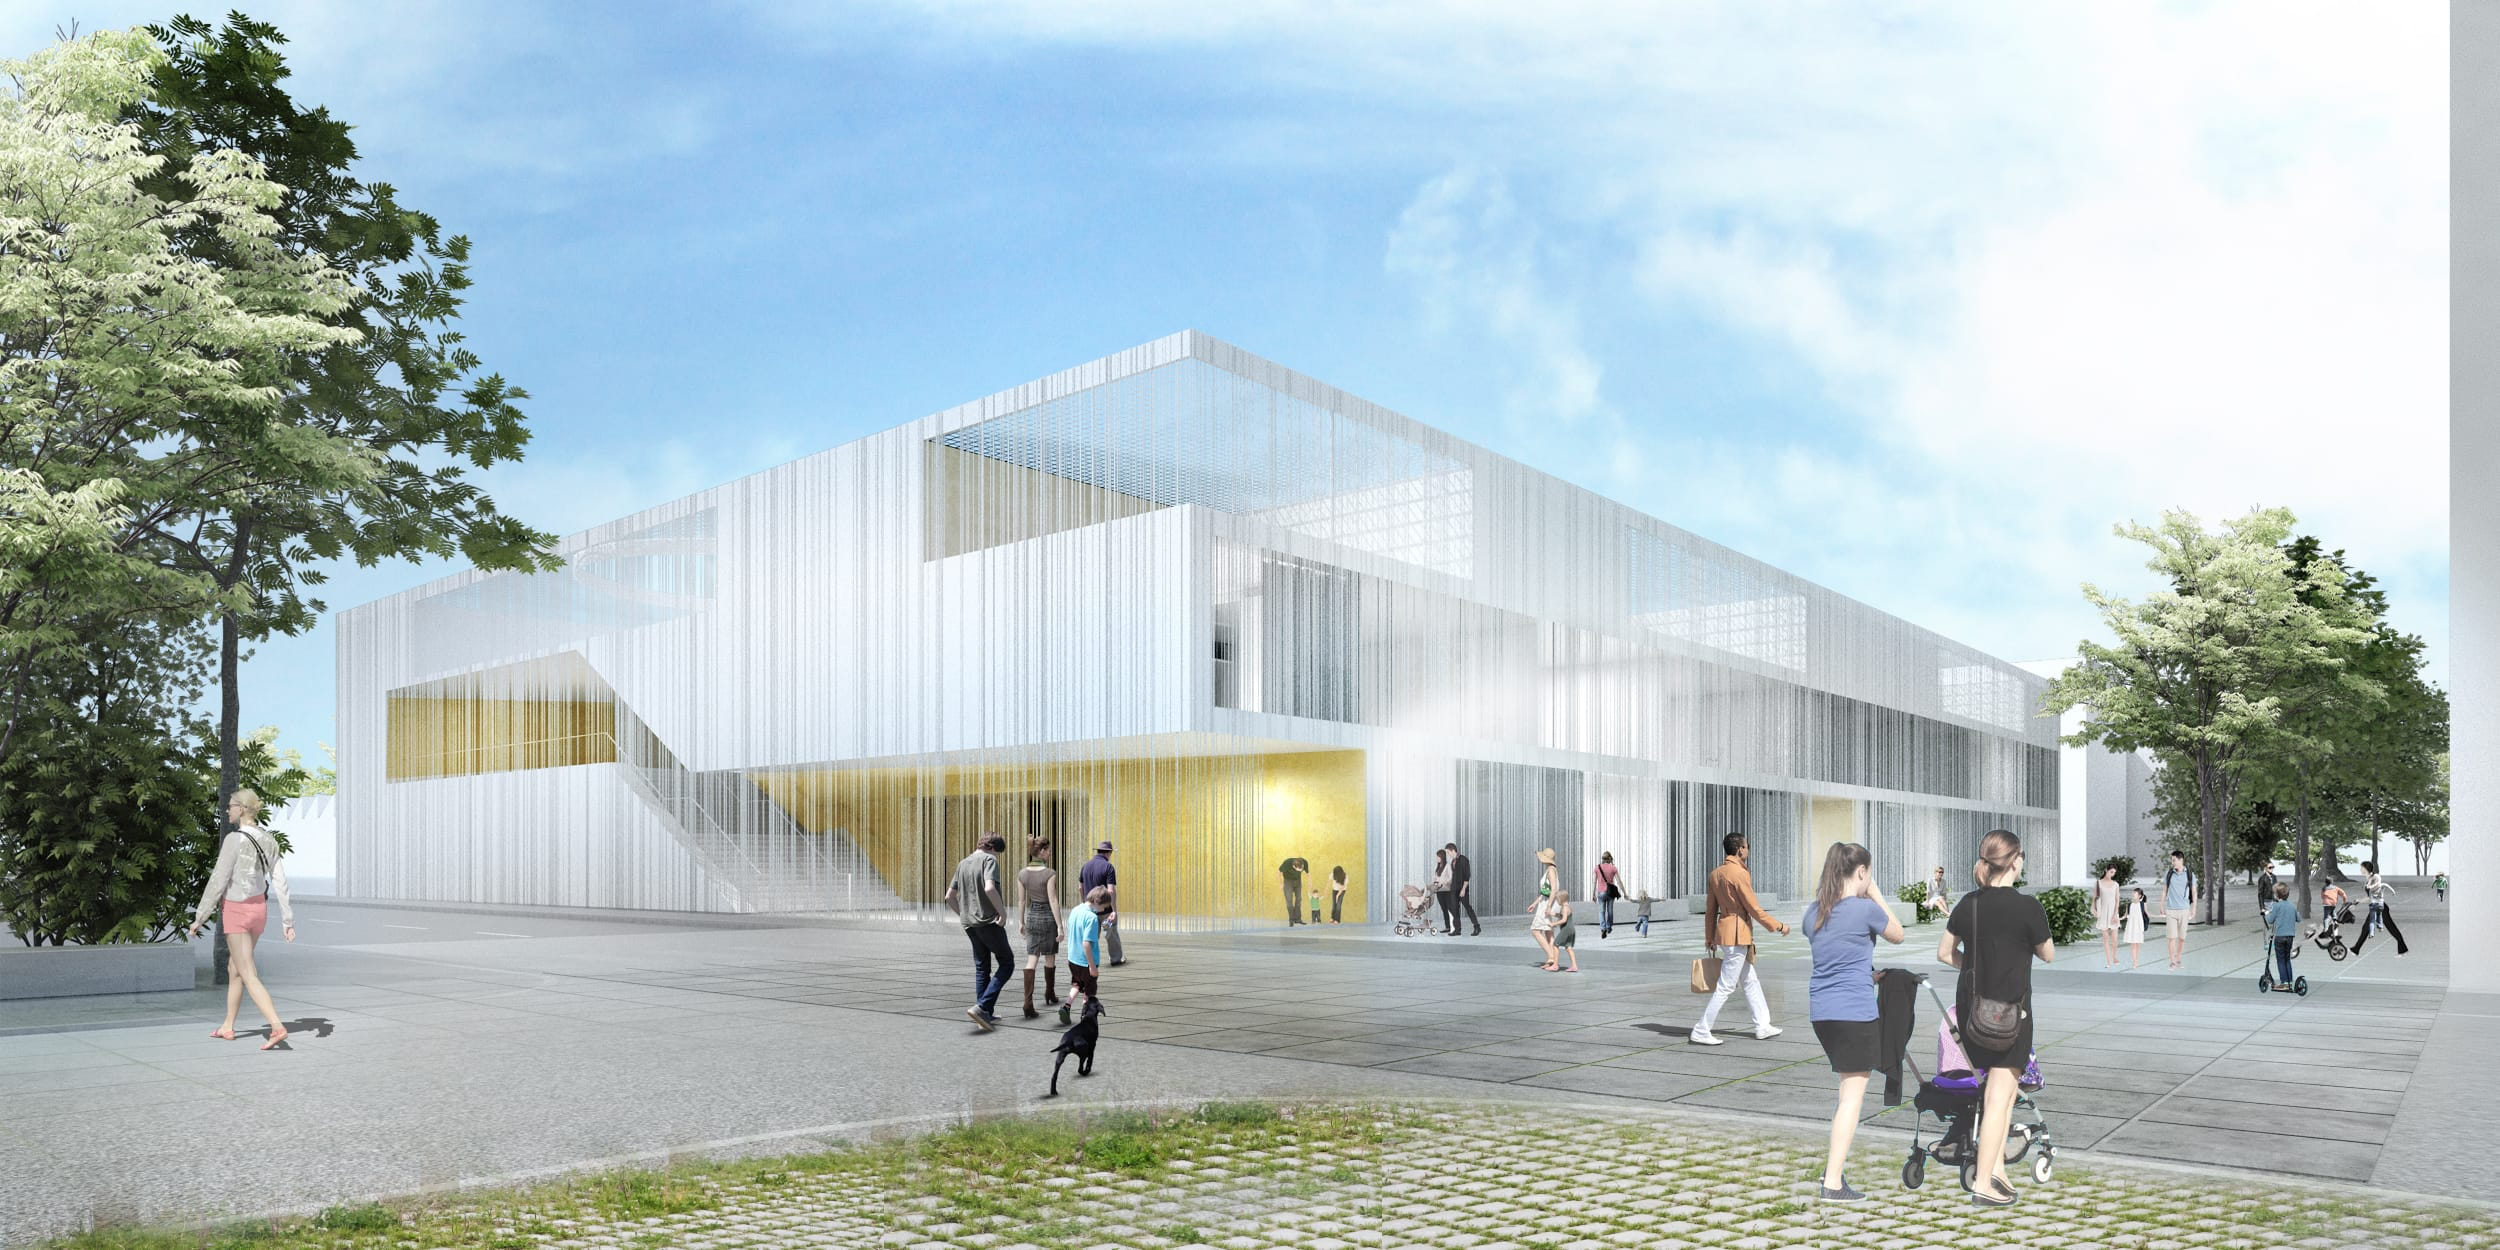 Ecole définitive Odette Cartailhac - Visuel Architecte 01